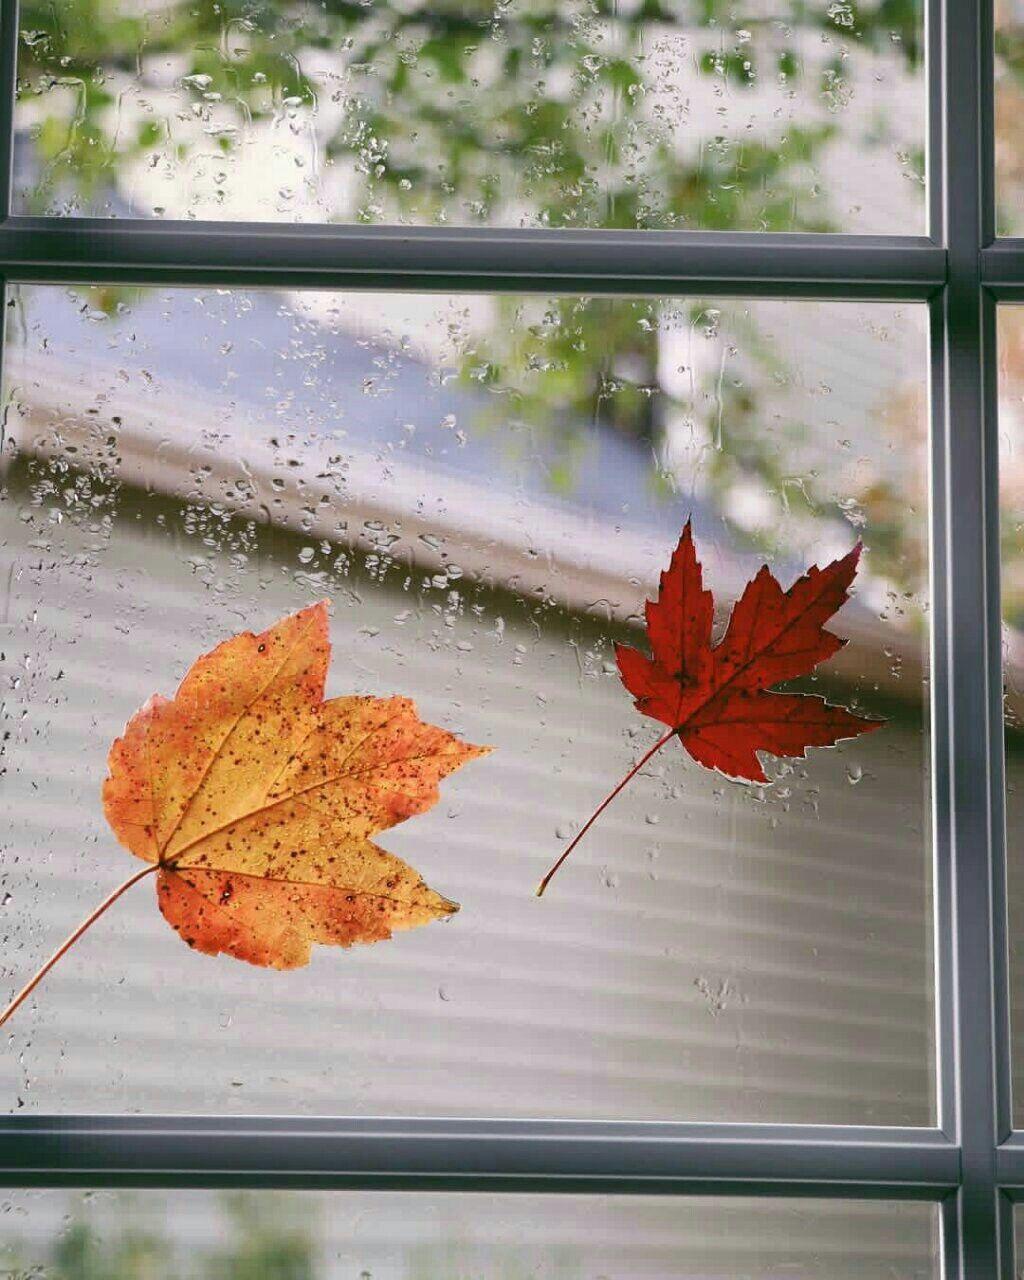 مساؤكم سعادة دائمة إذا فقدت شيئا تحبه فتذكر أن الأشجار تفقد كل أوراقها في الخريف لتكتسب غيرها في الربيع فـالحياة ما هي Canada Flag Art Country Flags